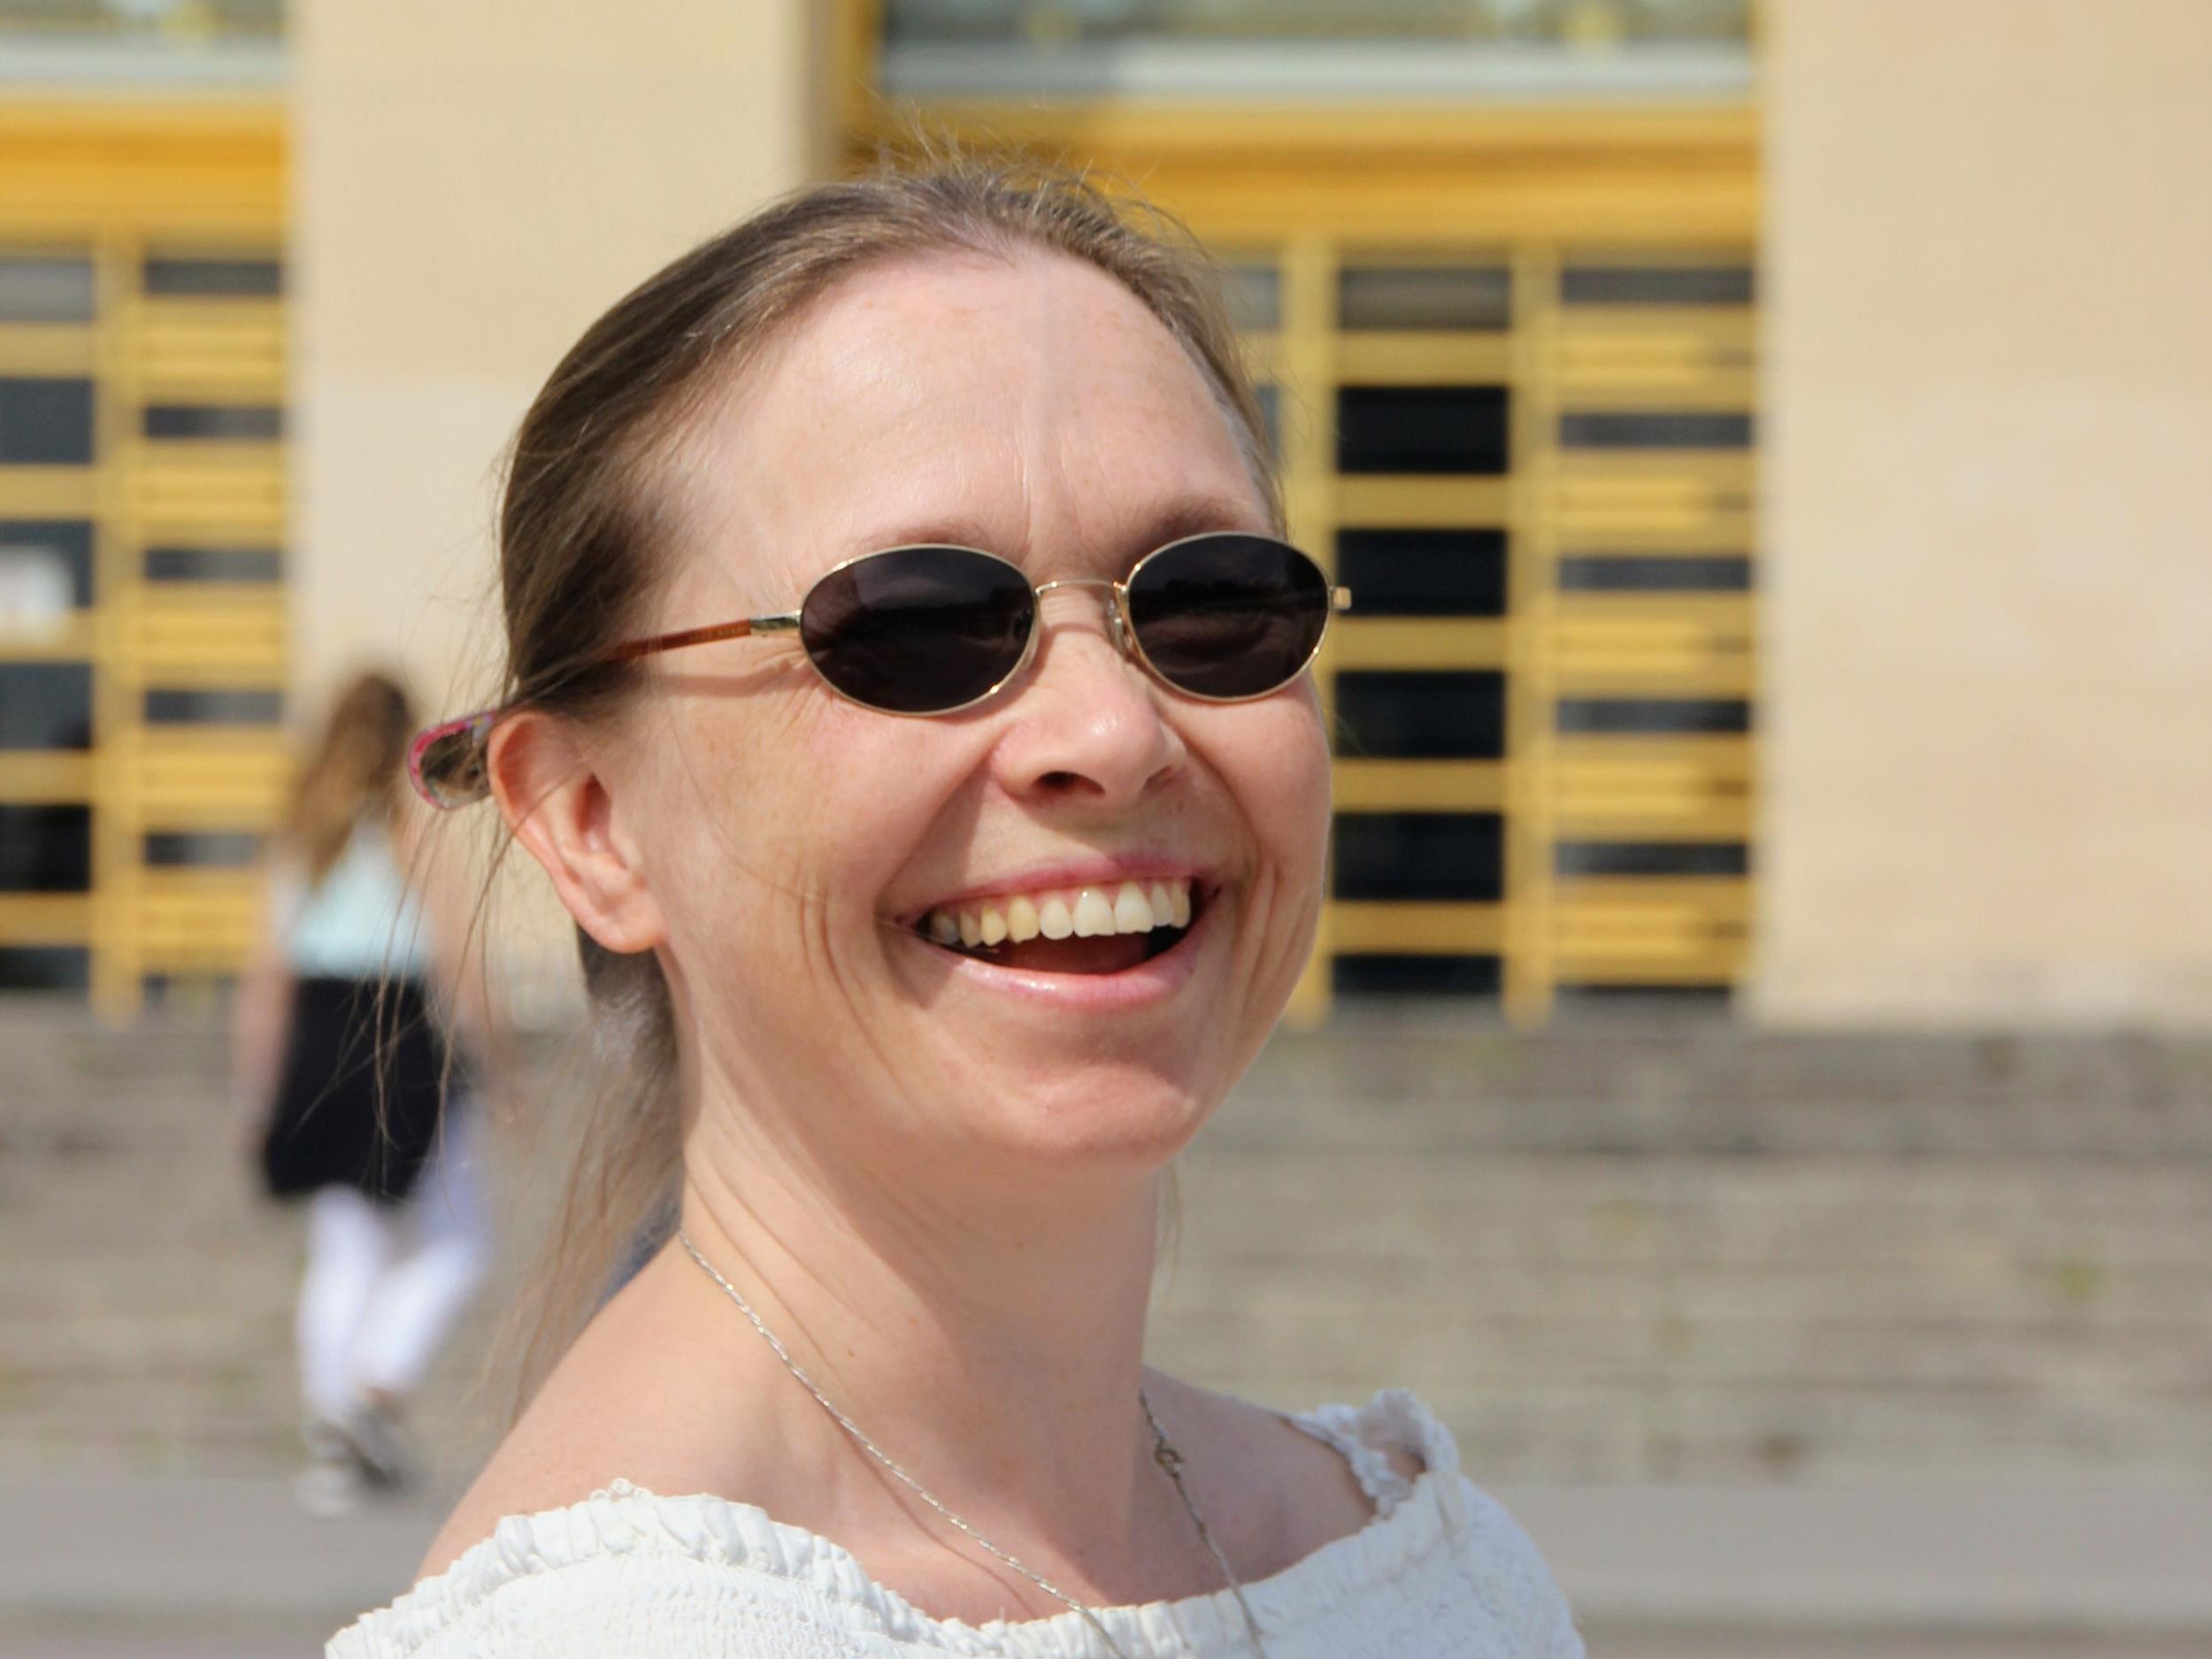 Sanna Urvas - Johdanto Vanhaan testamenttiin -kurssin Opettajana toimii teologian maisteri Sanna Urvas. Hänon suurperheen äiti, freelance/free tyle teologi-taiteilija-opettaja, joka osallistuu teologian vääntämiseen väitöskirjatyön parissa Helsingin yliopistolla. Hän on toiminut tuntiopettajana IK-opistolla Helsingissä syksystä 2018 ja kiertelee maailmalla erinäköisissä lähetystyöhön liittyvissä projekteissa. Urvas tunnetaan taitavana ja intohimoisena pedagogina.